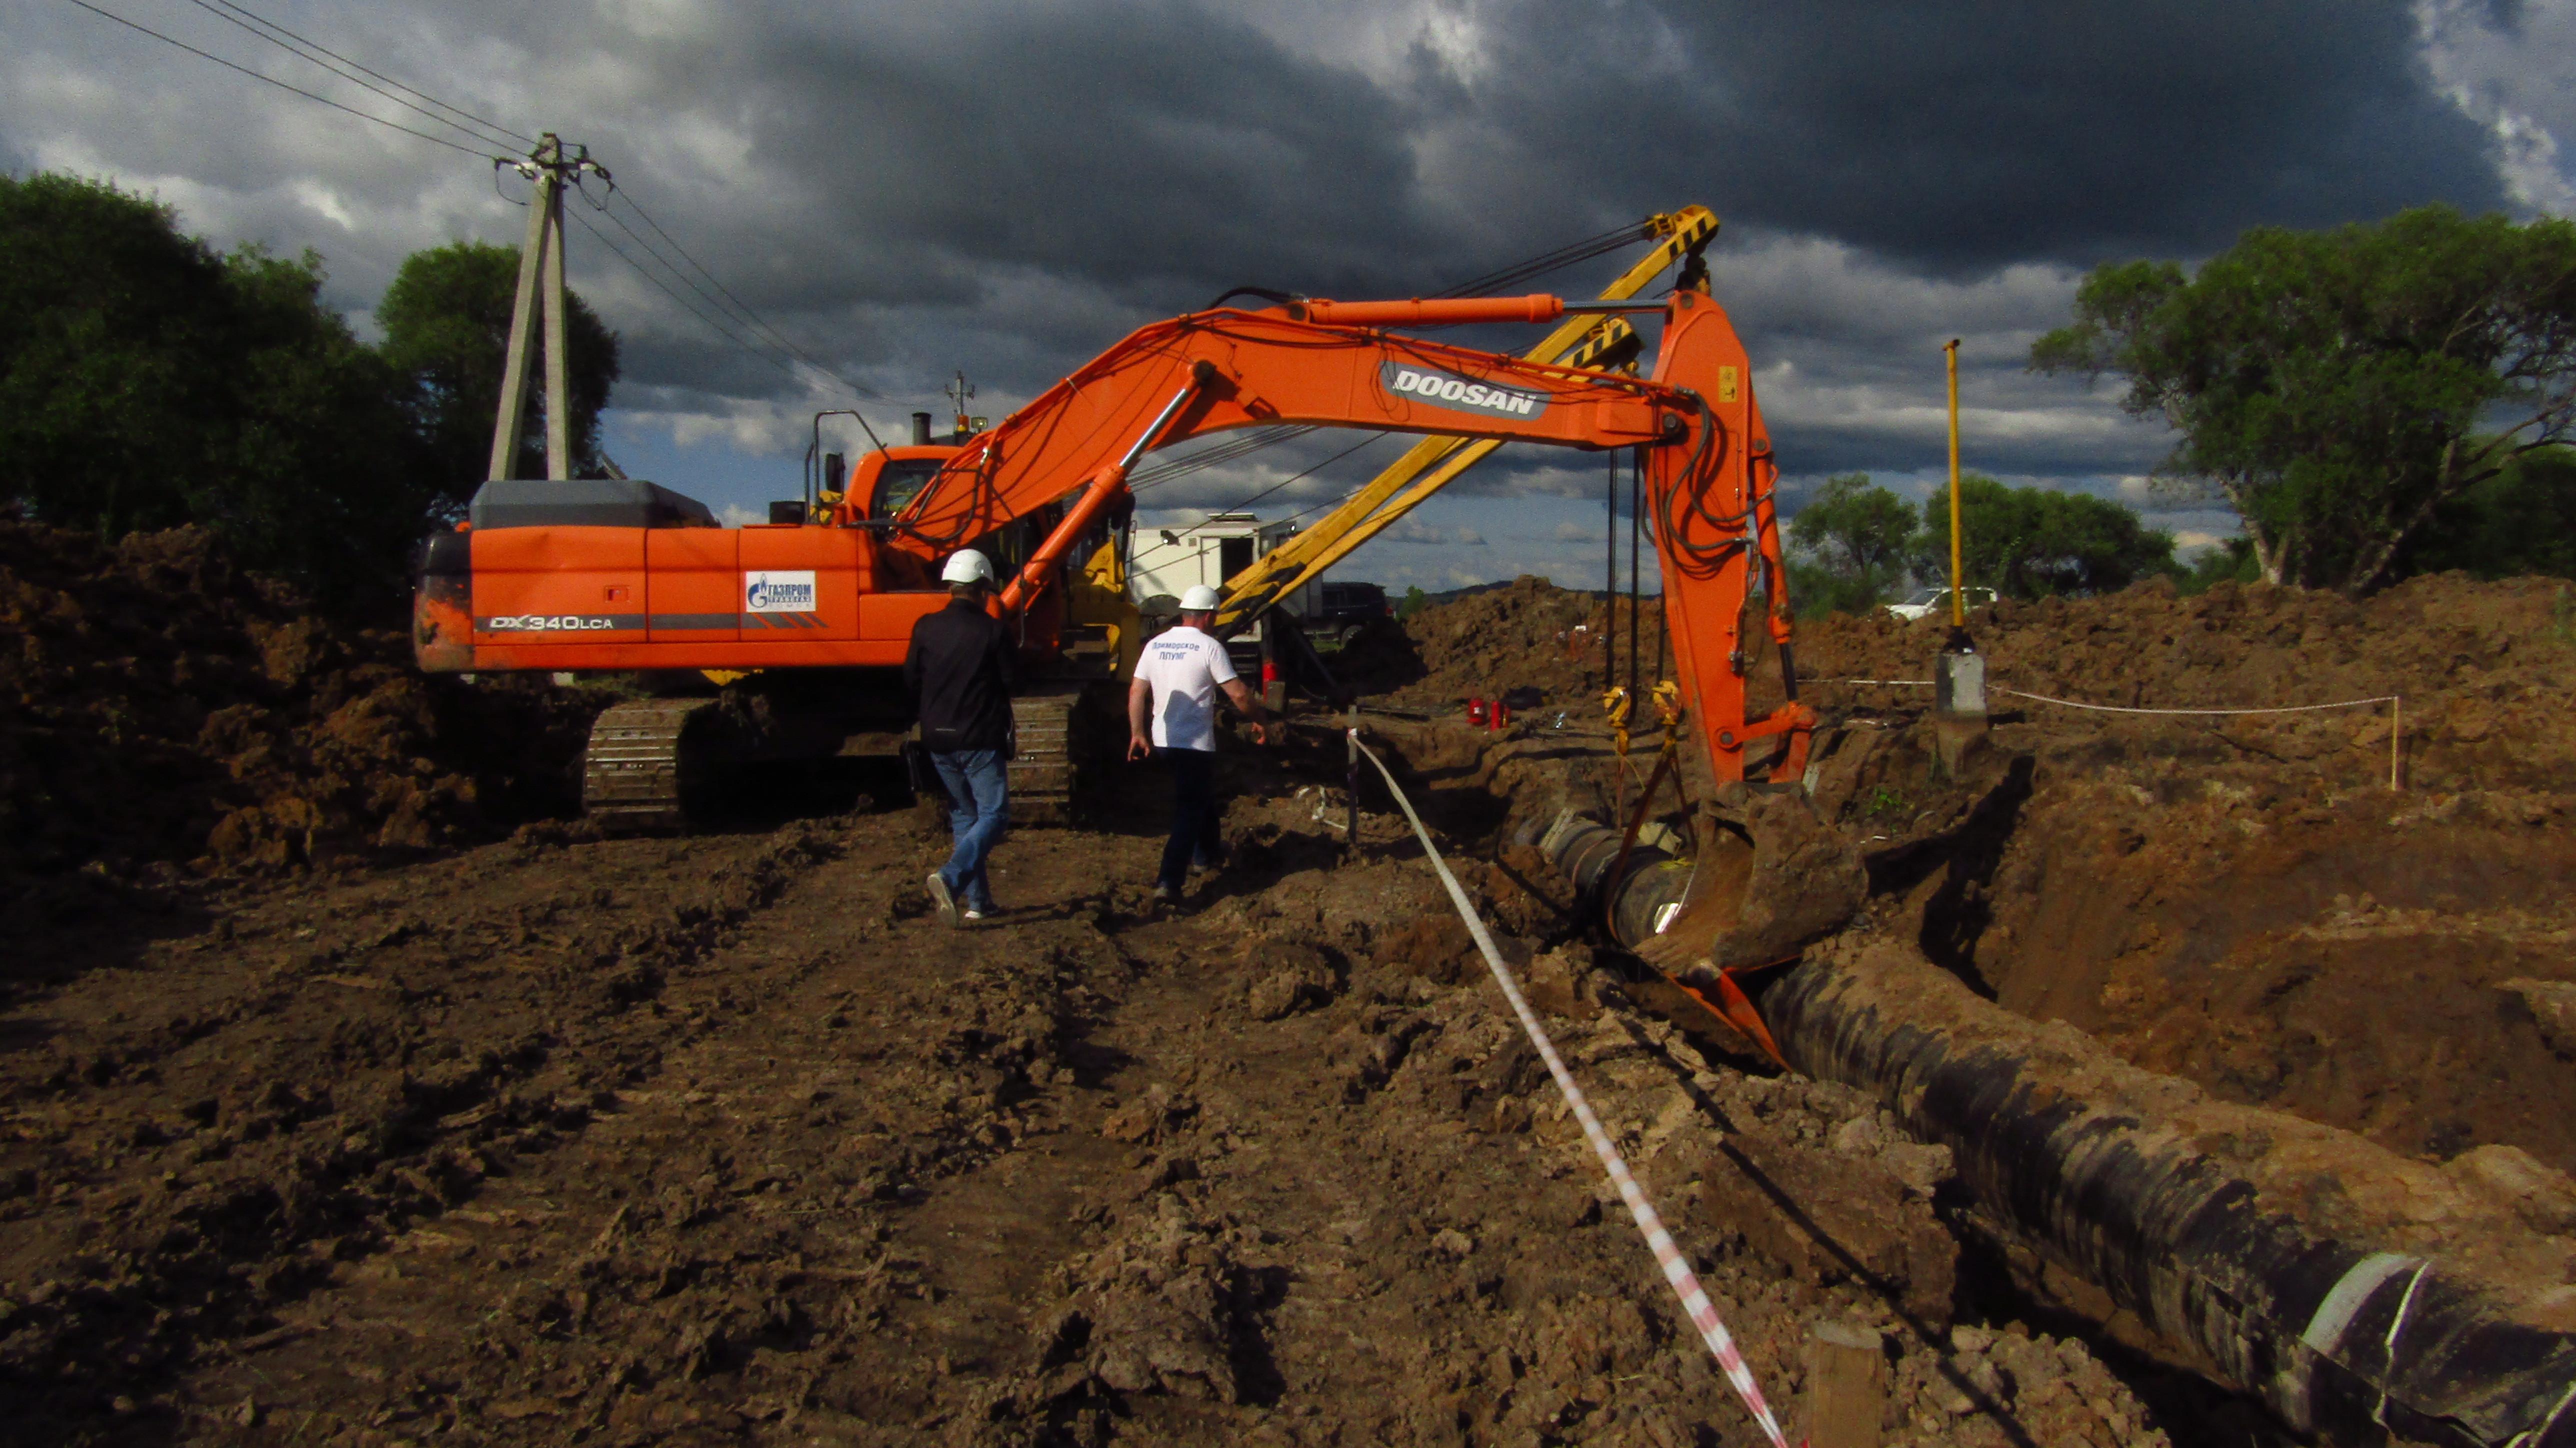 «Газпром трансгаз Томск» начал плановый ремонт газопровода «Сахалин-Хабаровск-Владивосток»